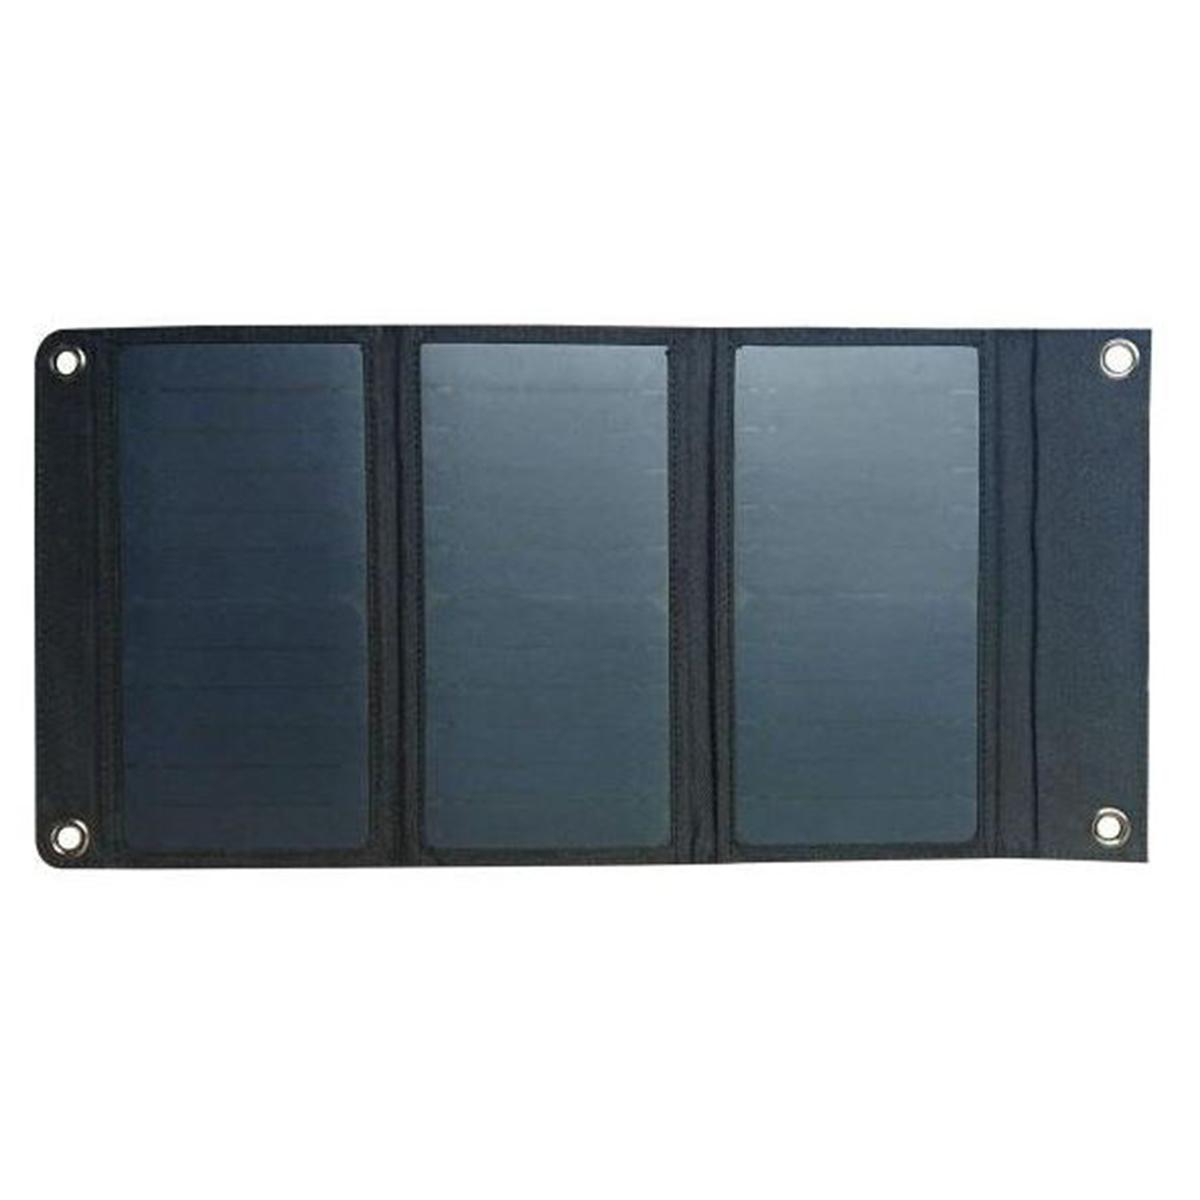 شارژر همراه خورشیدی واگان مدل s w10000ظرفیت 10000 میلی آمپر ساعت